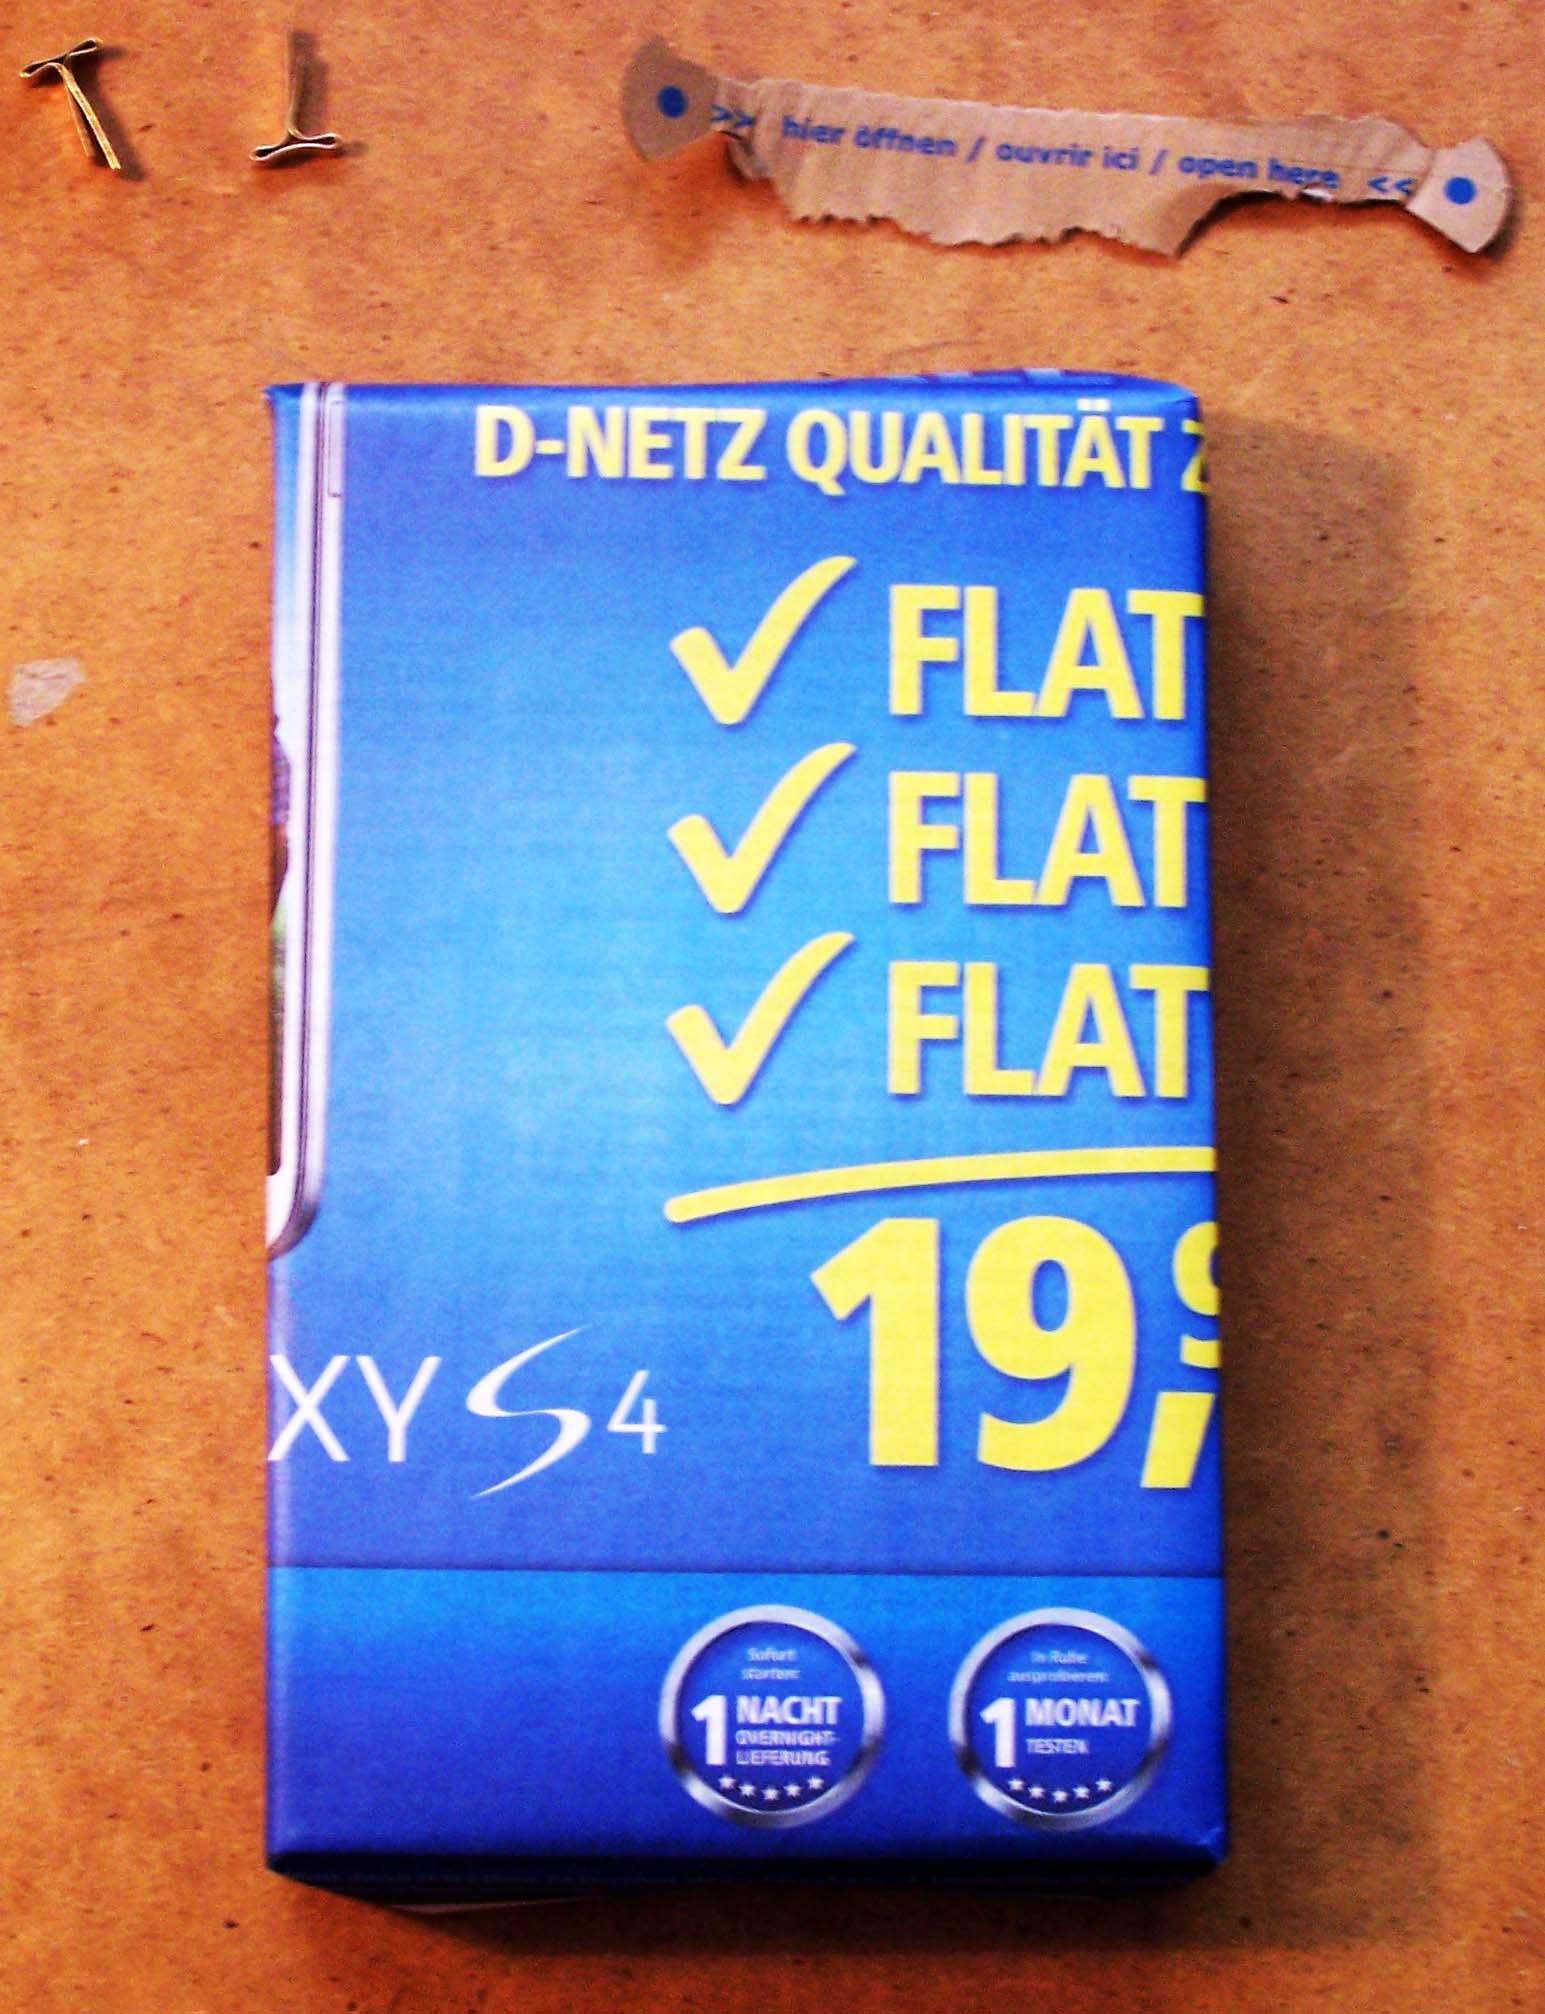 Büchersendung innere Verpackung Flat Flat Flat